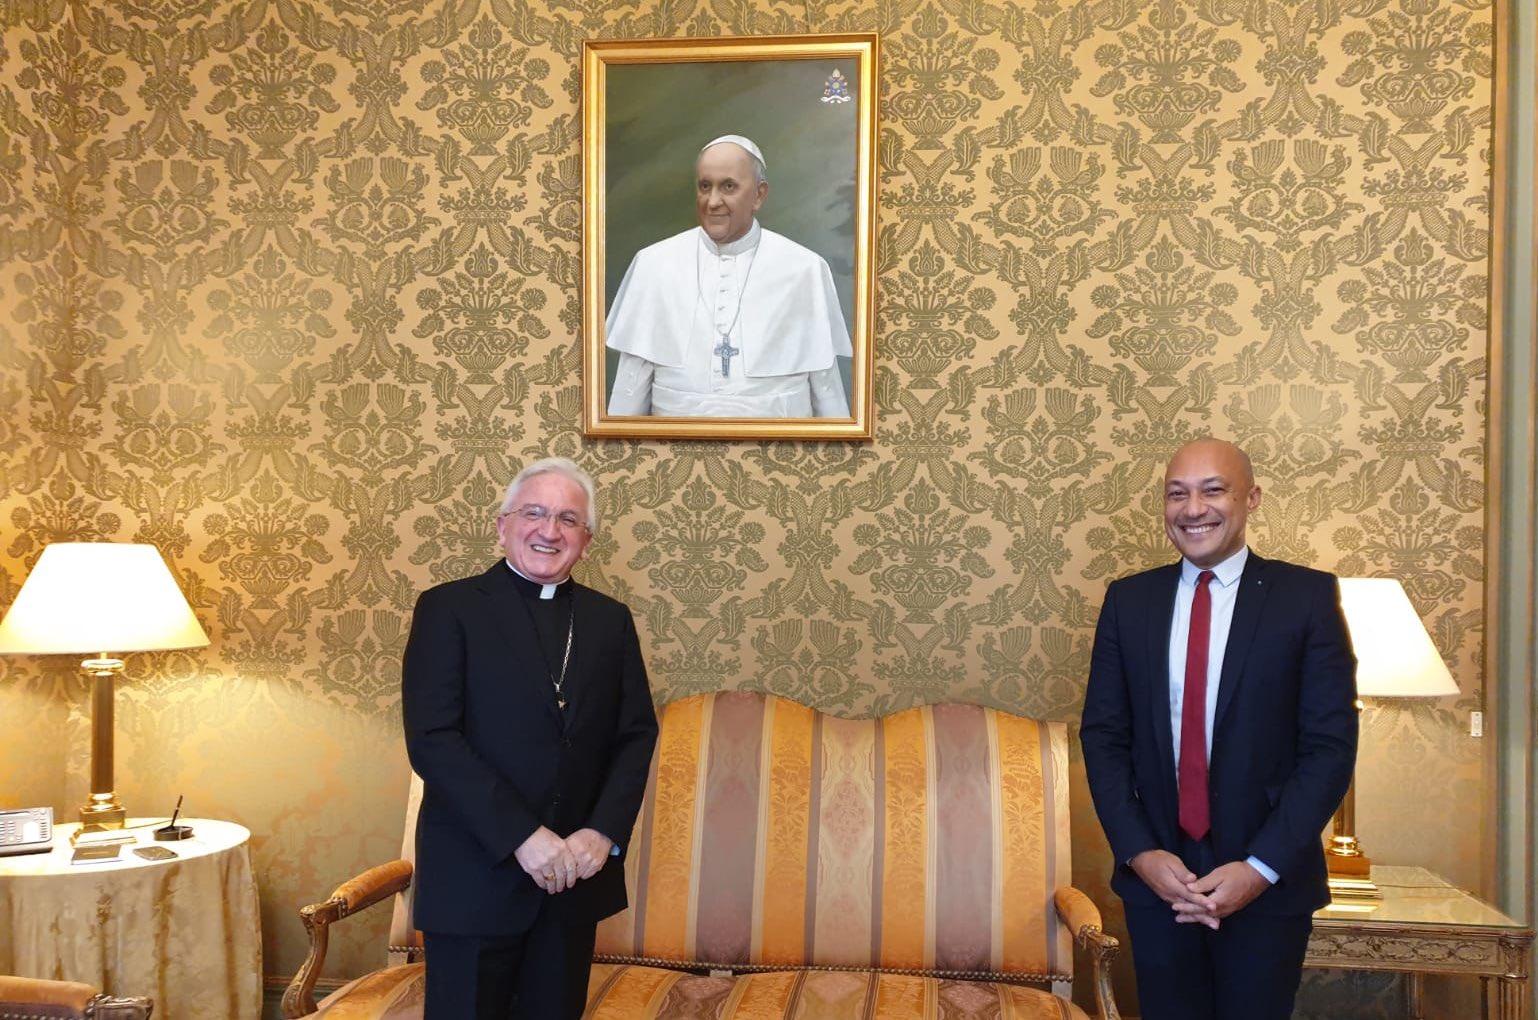 Paris: le nonce apostolique reçoit un adjoint au maire de Paris